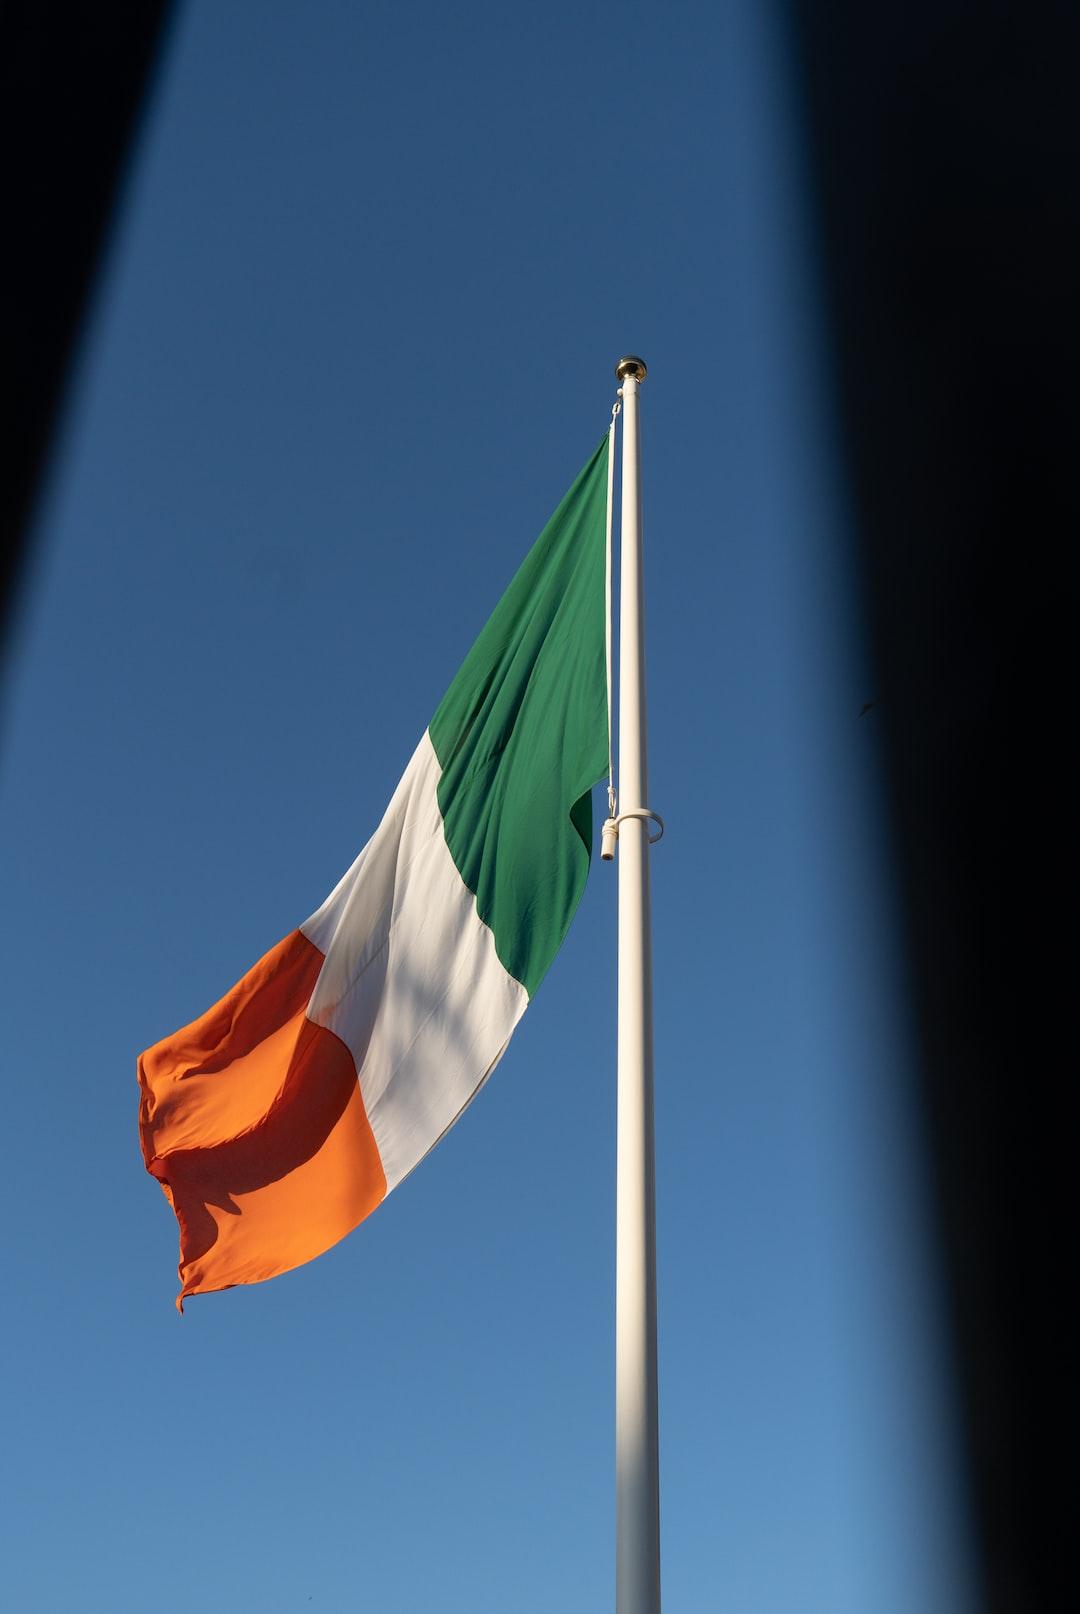 Travel to Ireland